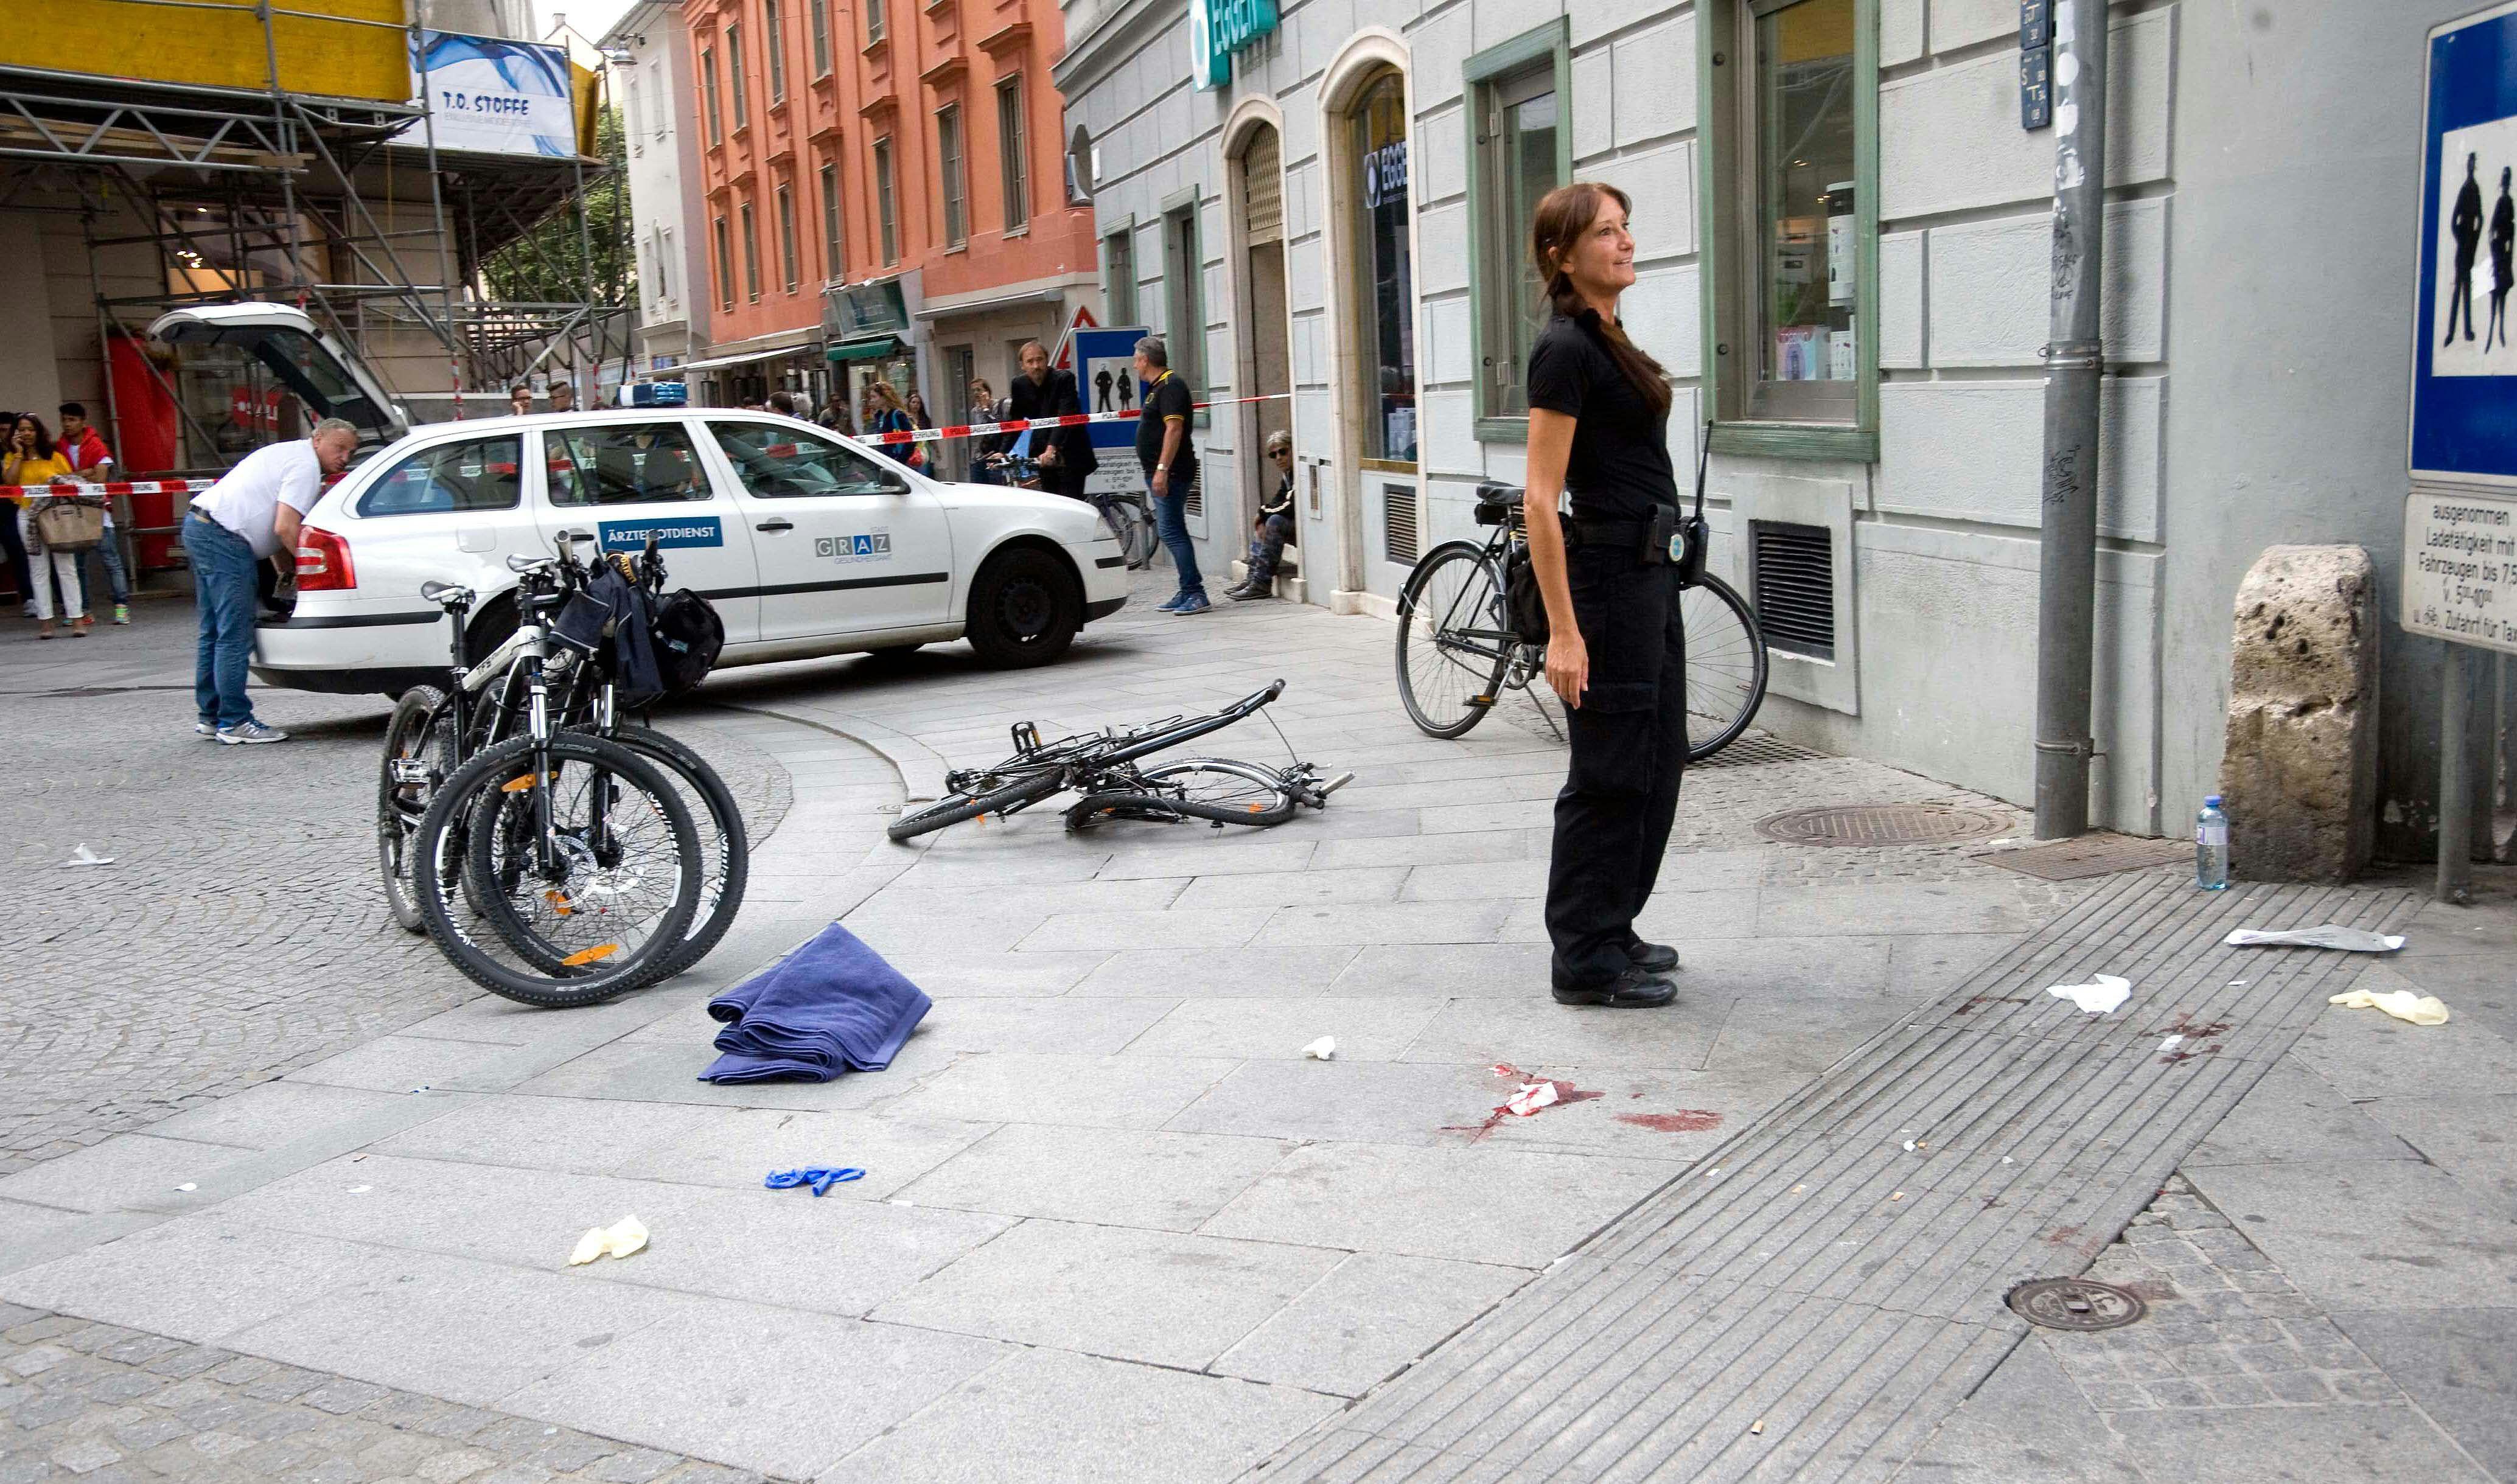 Homem atropelou dezenas de pessoas / Elmar Gubisch/AFP